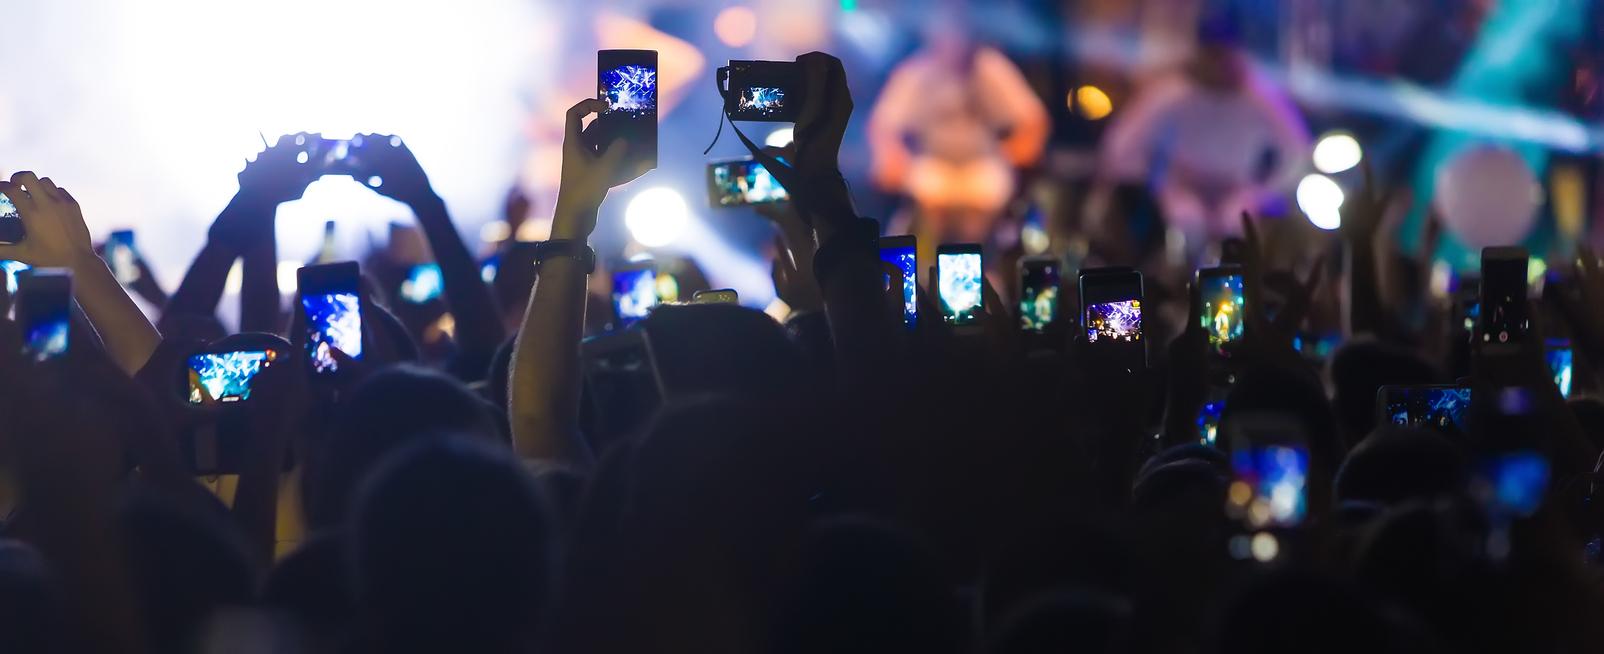 iStock-865032214-Social Media Concert Image.jpg